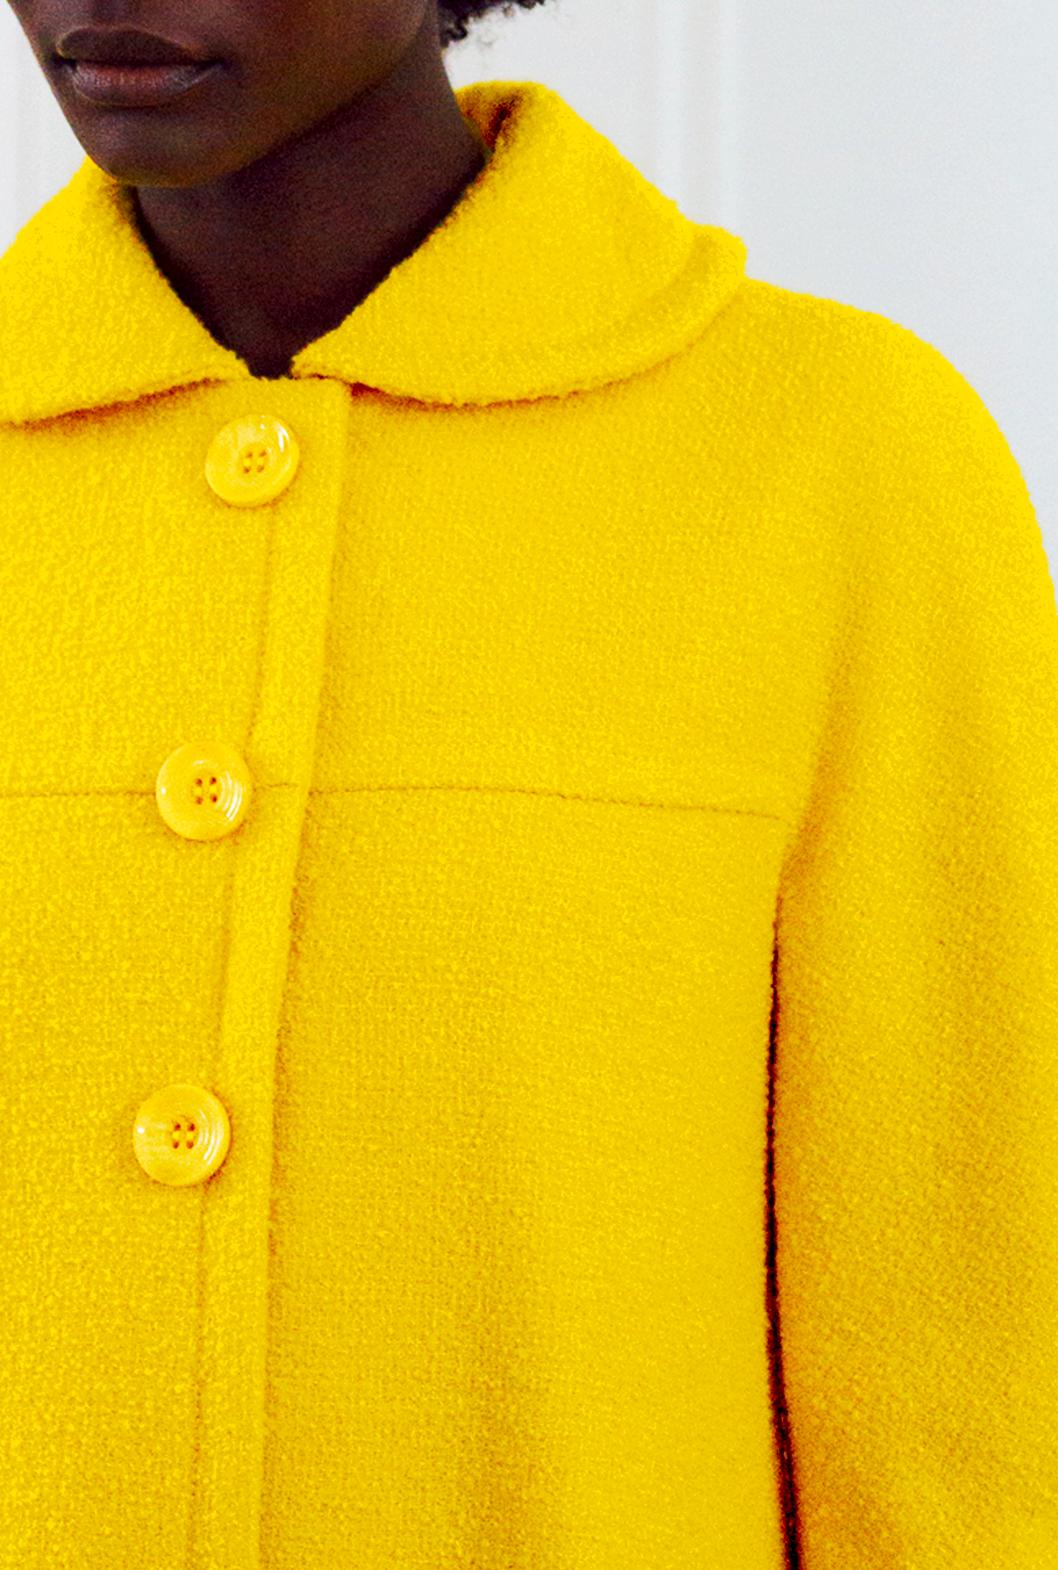 3 M Yellow Coat Detail.png